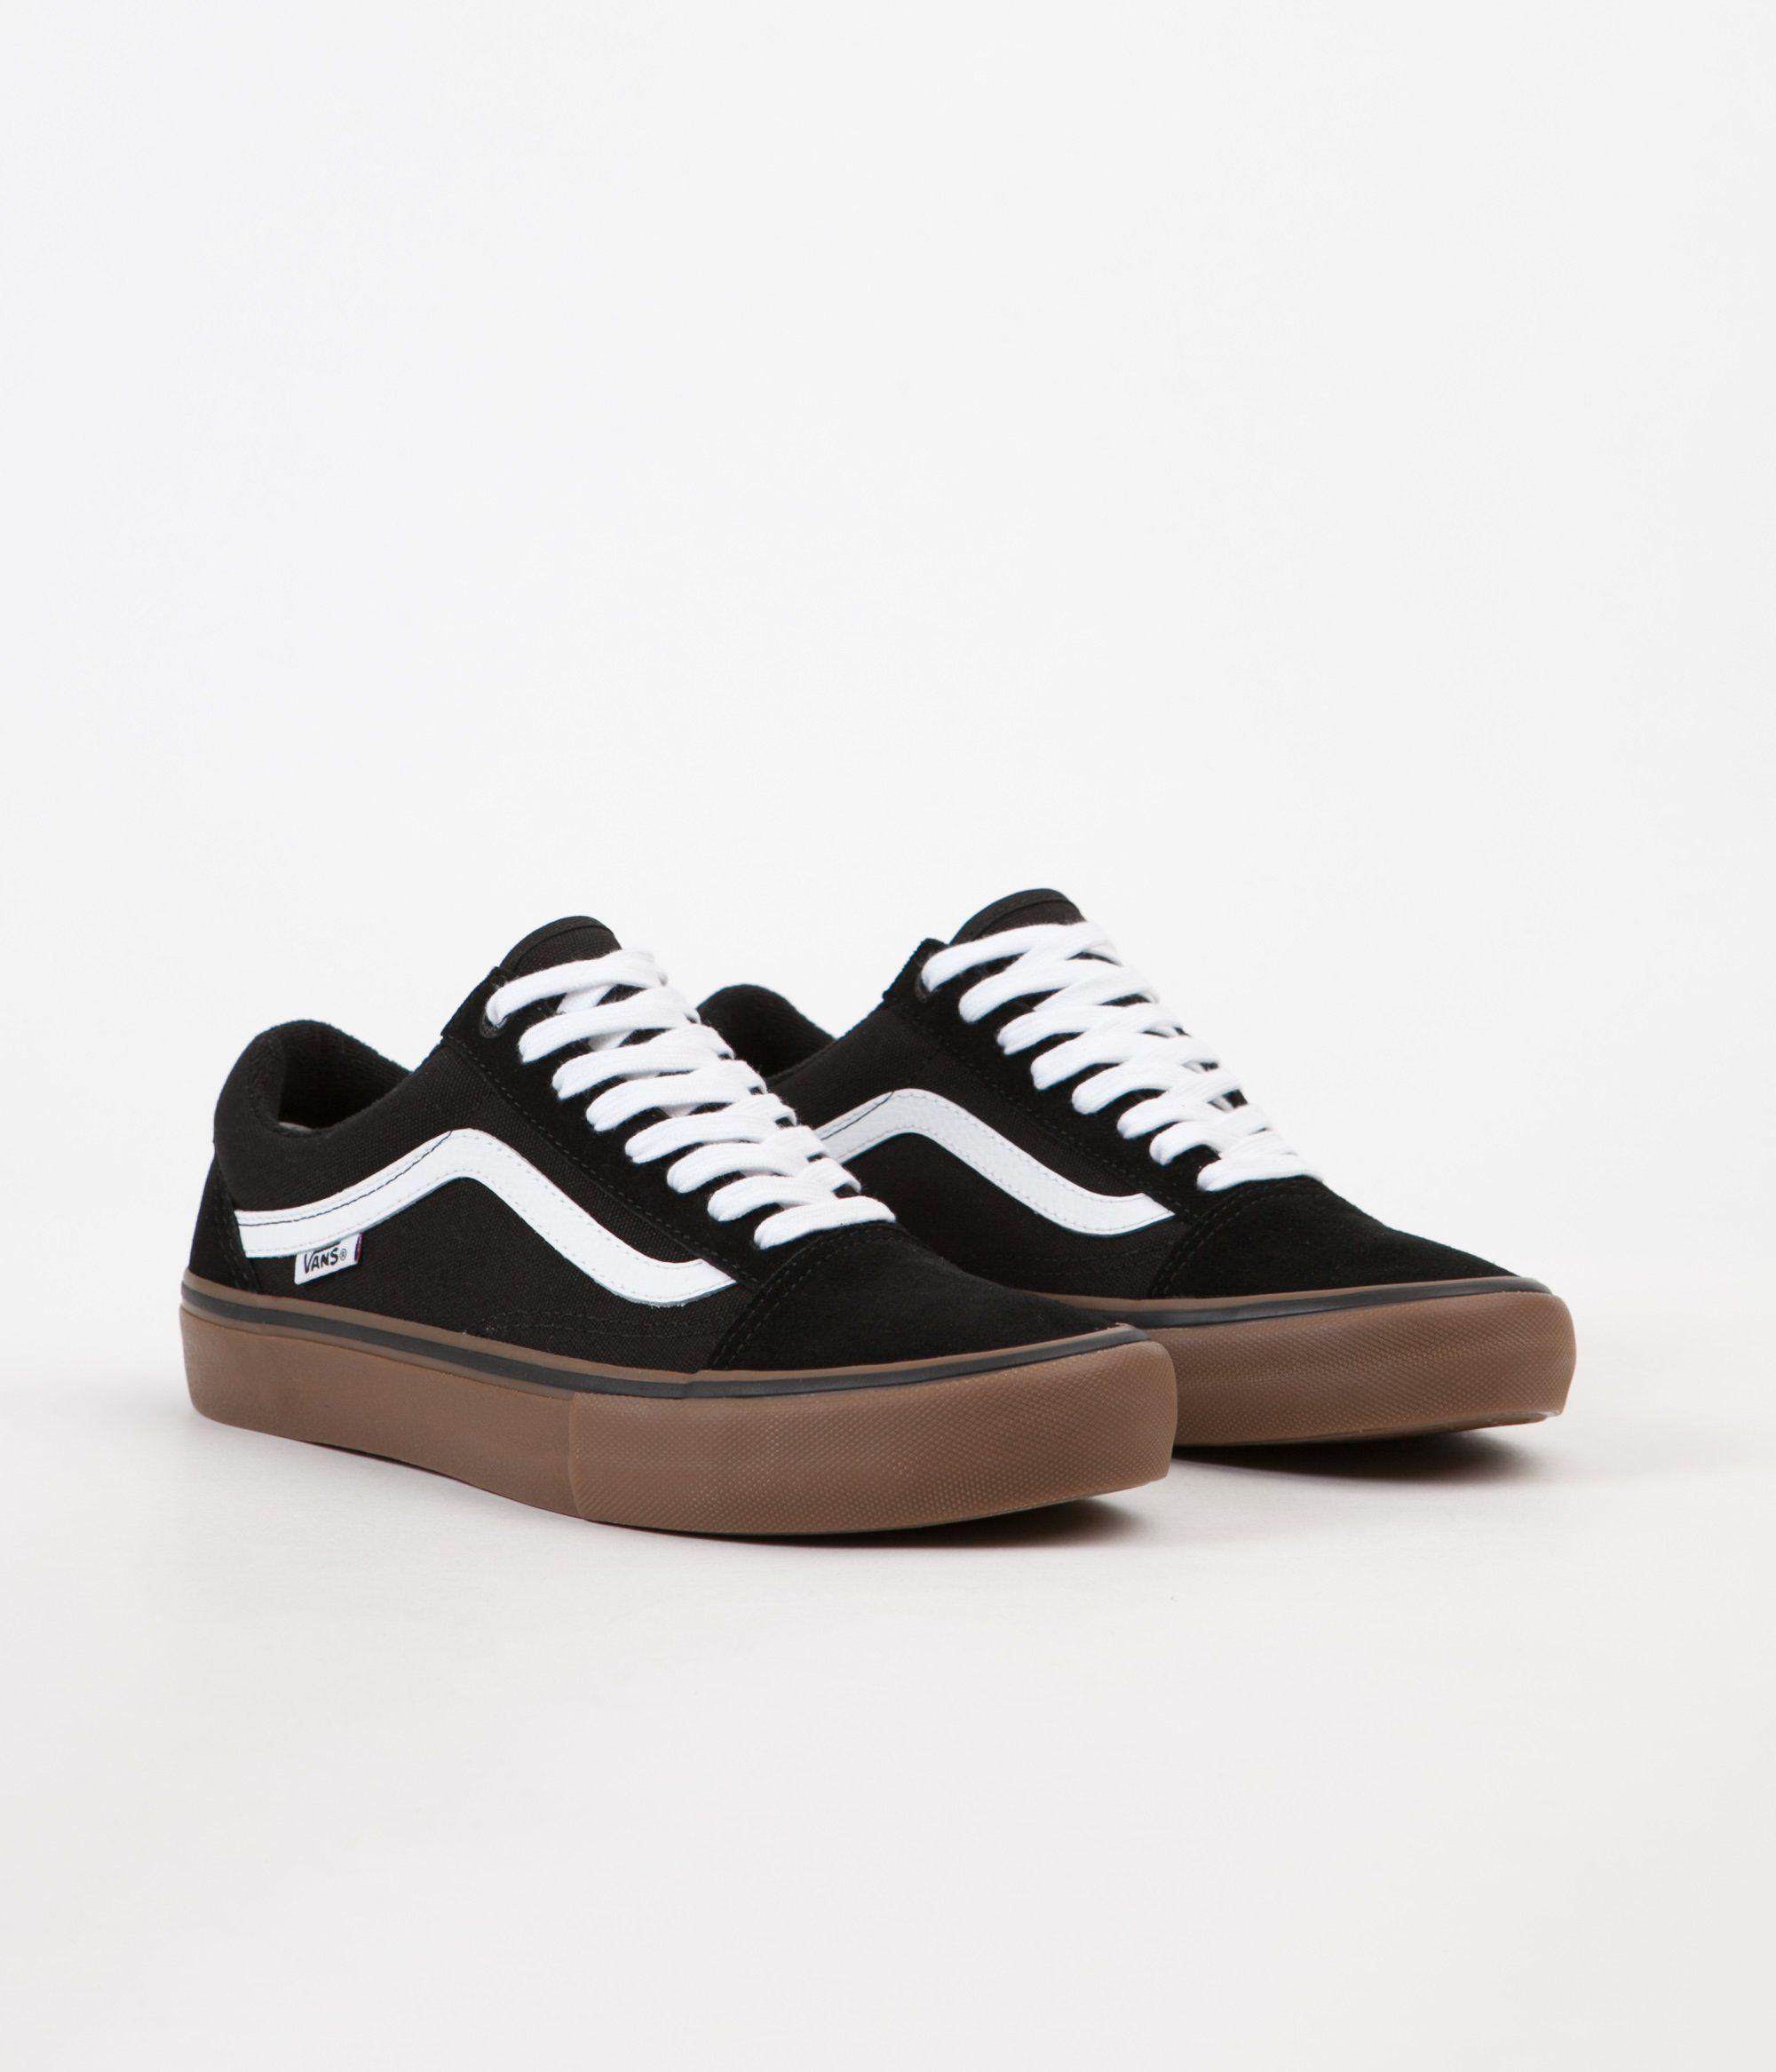 Vans Old Skool Pro Shoes Black White Medium Gum in